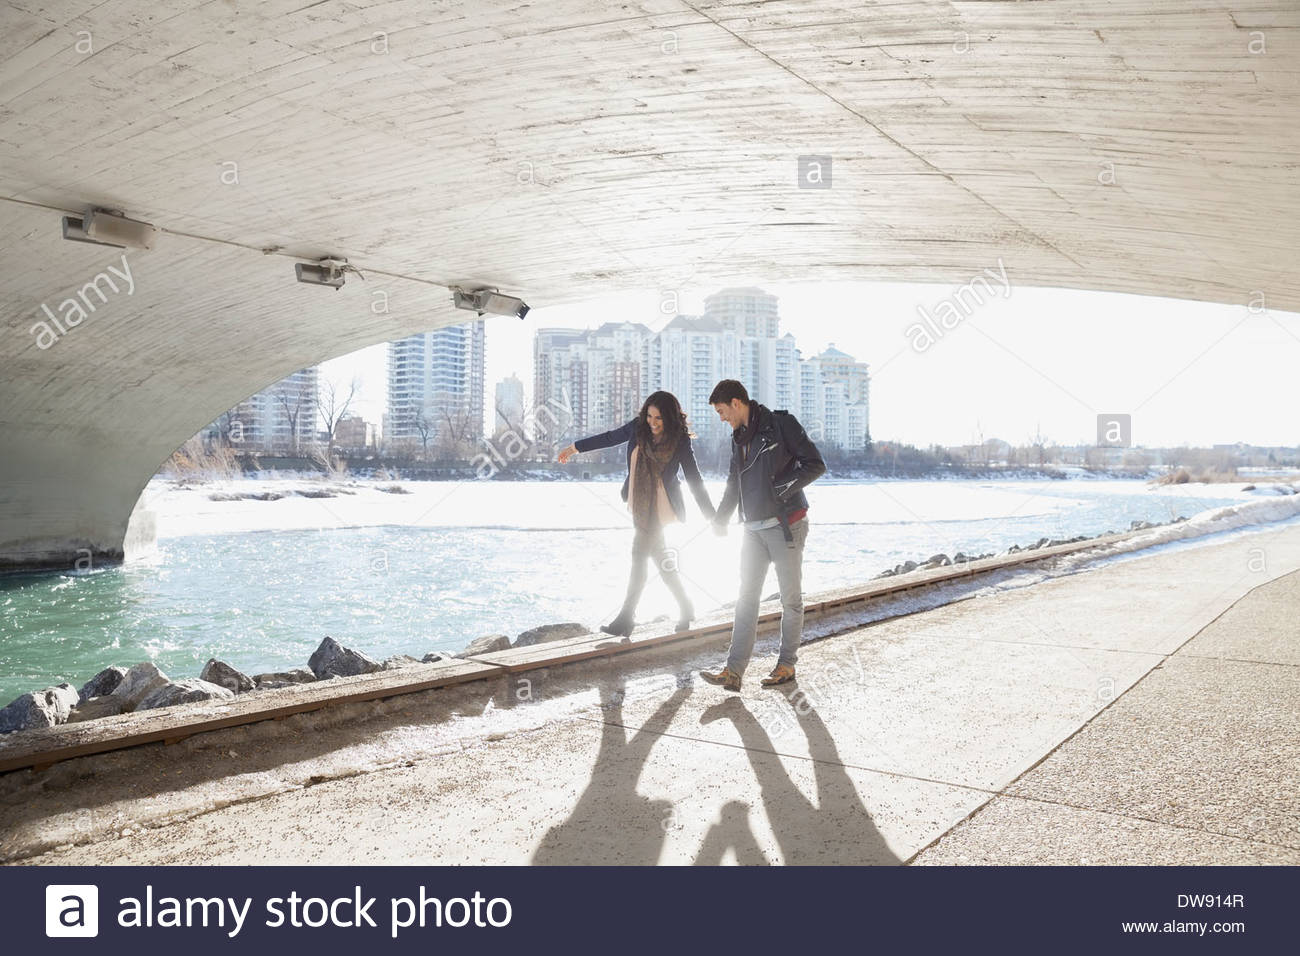 Uomo Donna assistenza camminando sul sentiero sotto il ponte della città Immagini Stock